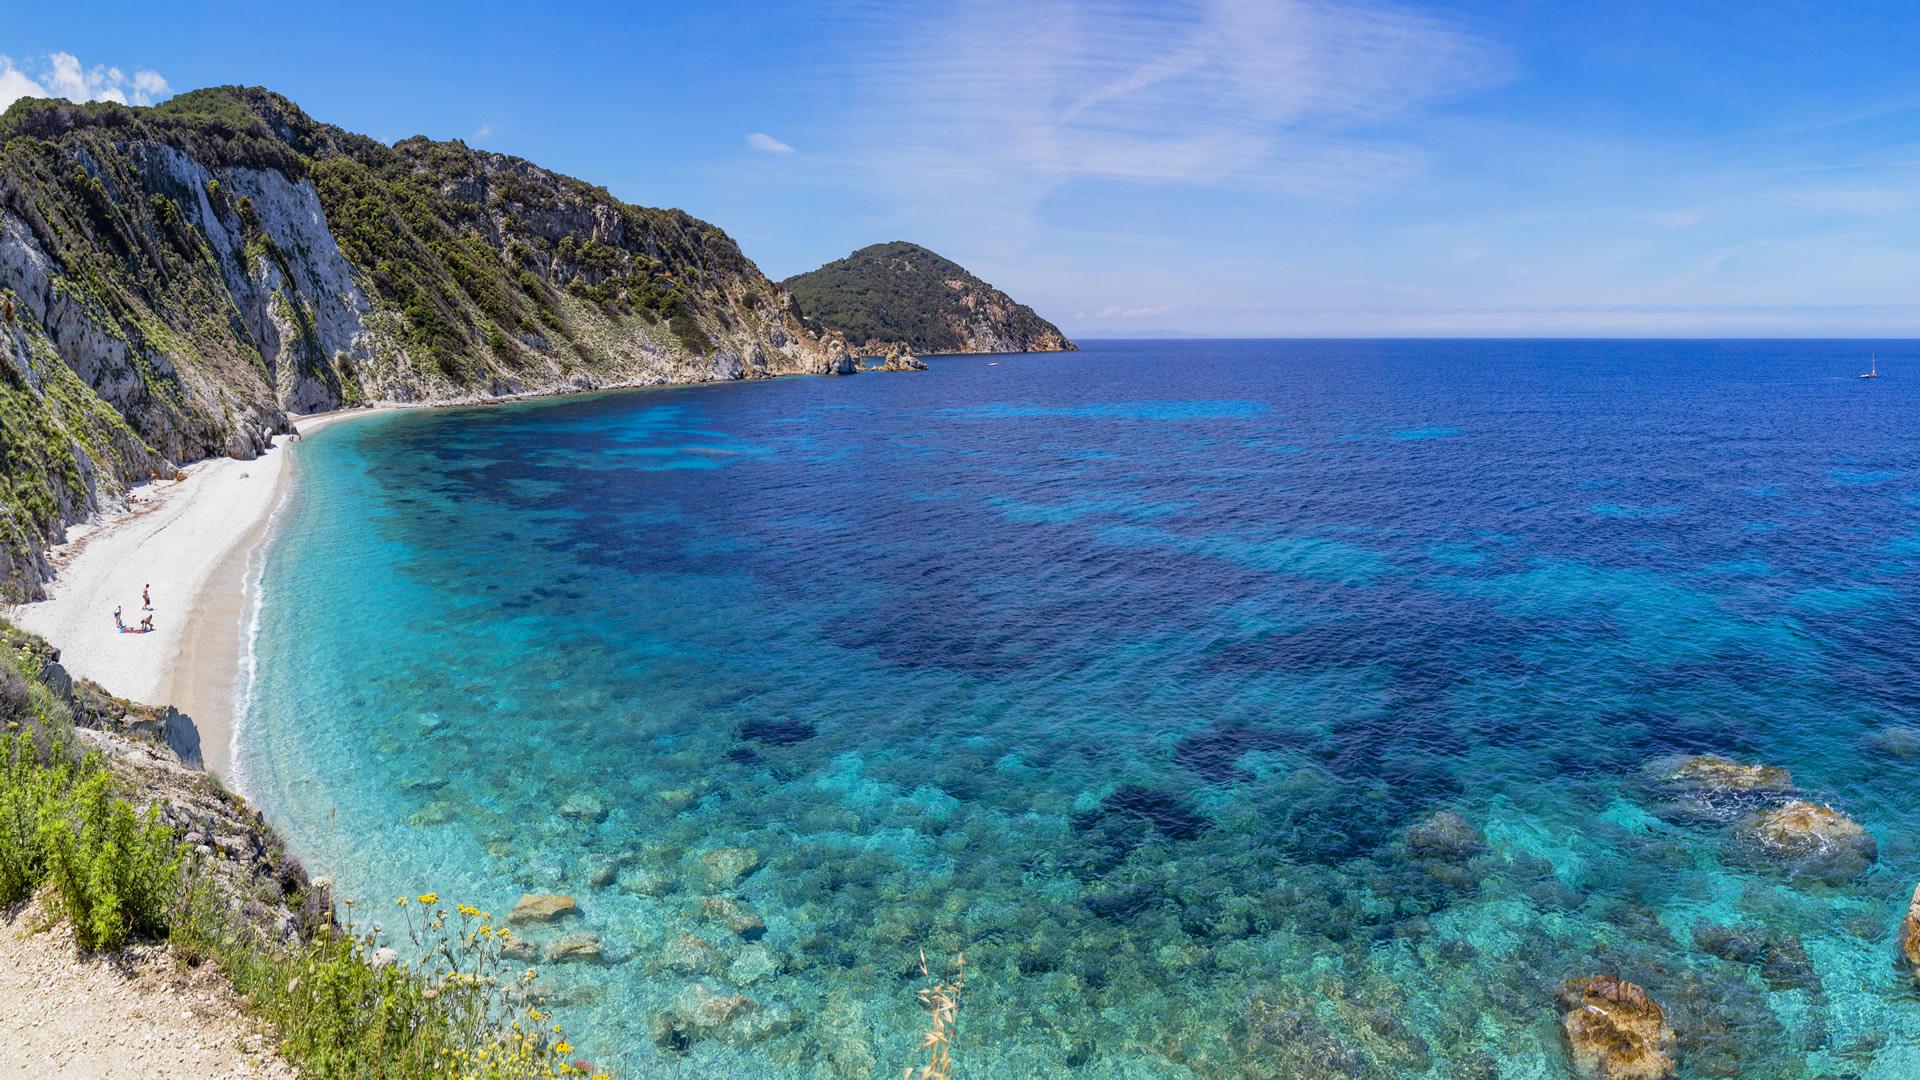 B&B Indarsena - Vacanza all'Isola d'Elba